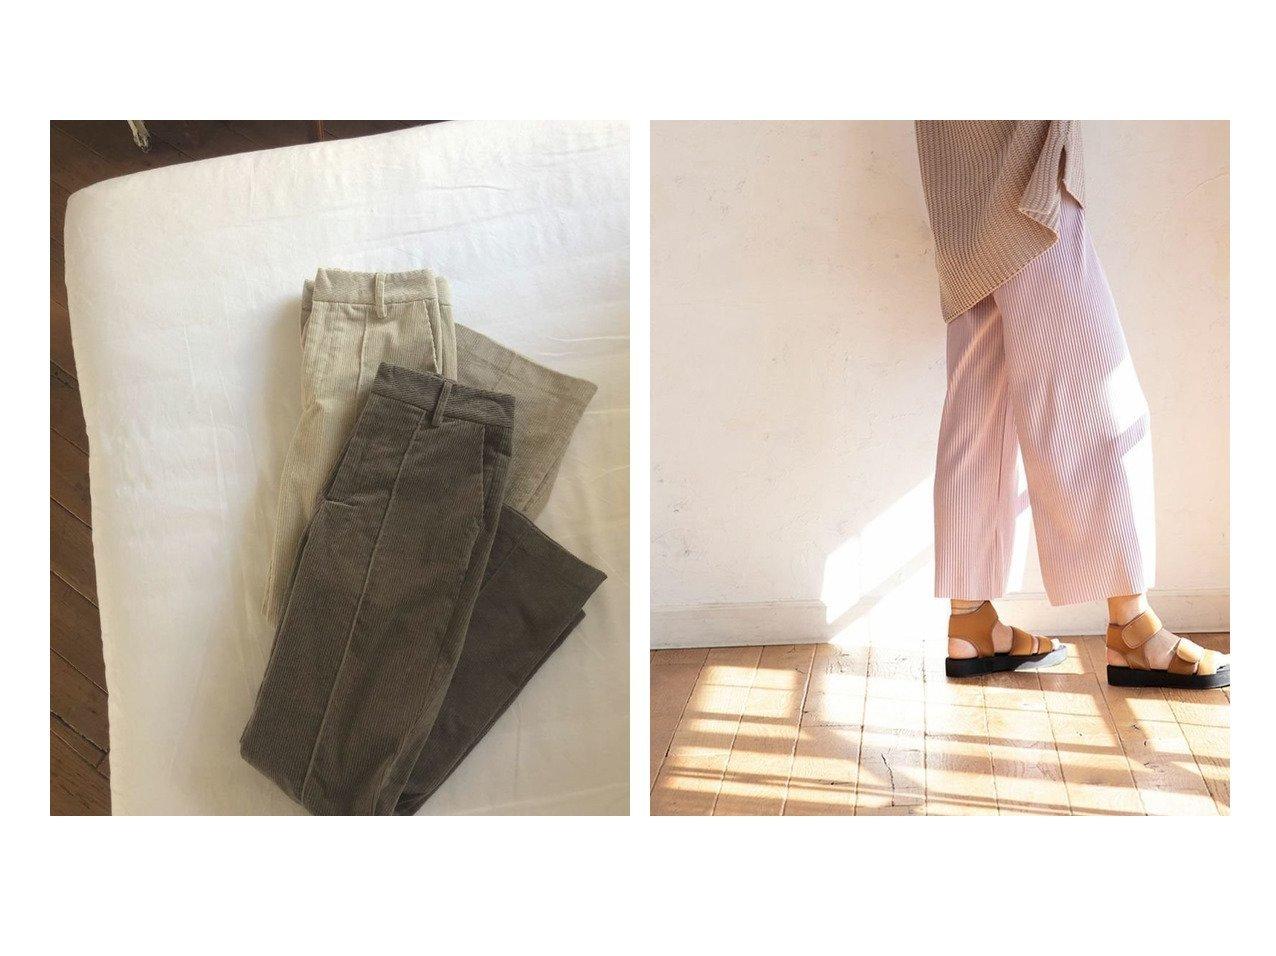 【marjour/マージュール】のストレッチコーデュロイパンツ STRETCH CORDED PANTS&リラックスコーデュロイパンツ RELAX CORDUROY PANTS マージュールのおすすめ!人気、トレンド・レディースファッションの通販 おすすめで人気の流行・トレンド、ファッションの通販商品 メンズファッション・キッズファッション・インテリア・家具・レディースファッション・服の通販 founy(ファニー) https://founy.com/ ファッション Fashion レディースファッション WOMEN パンツ Pants コーデュロイ サンダル ストレッチ センター フィット フレア ルーズ ワイド 冬 Winter 春 Spring |ID:crp329100000021540